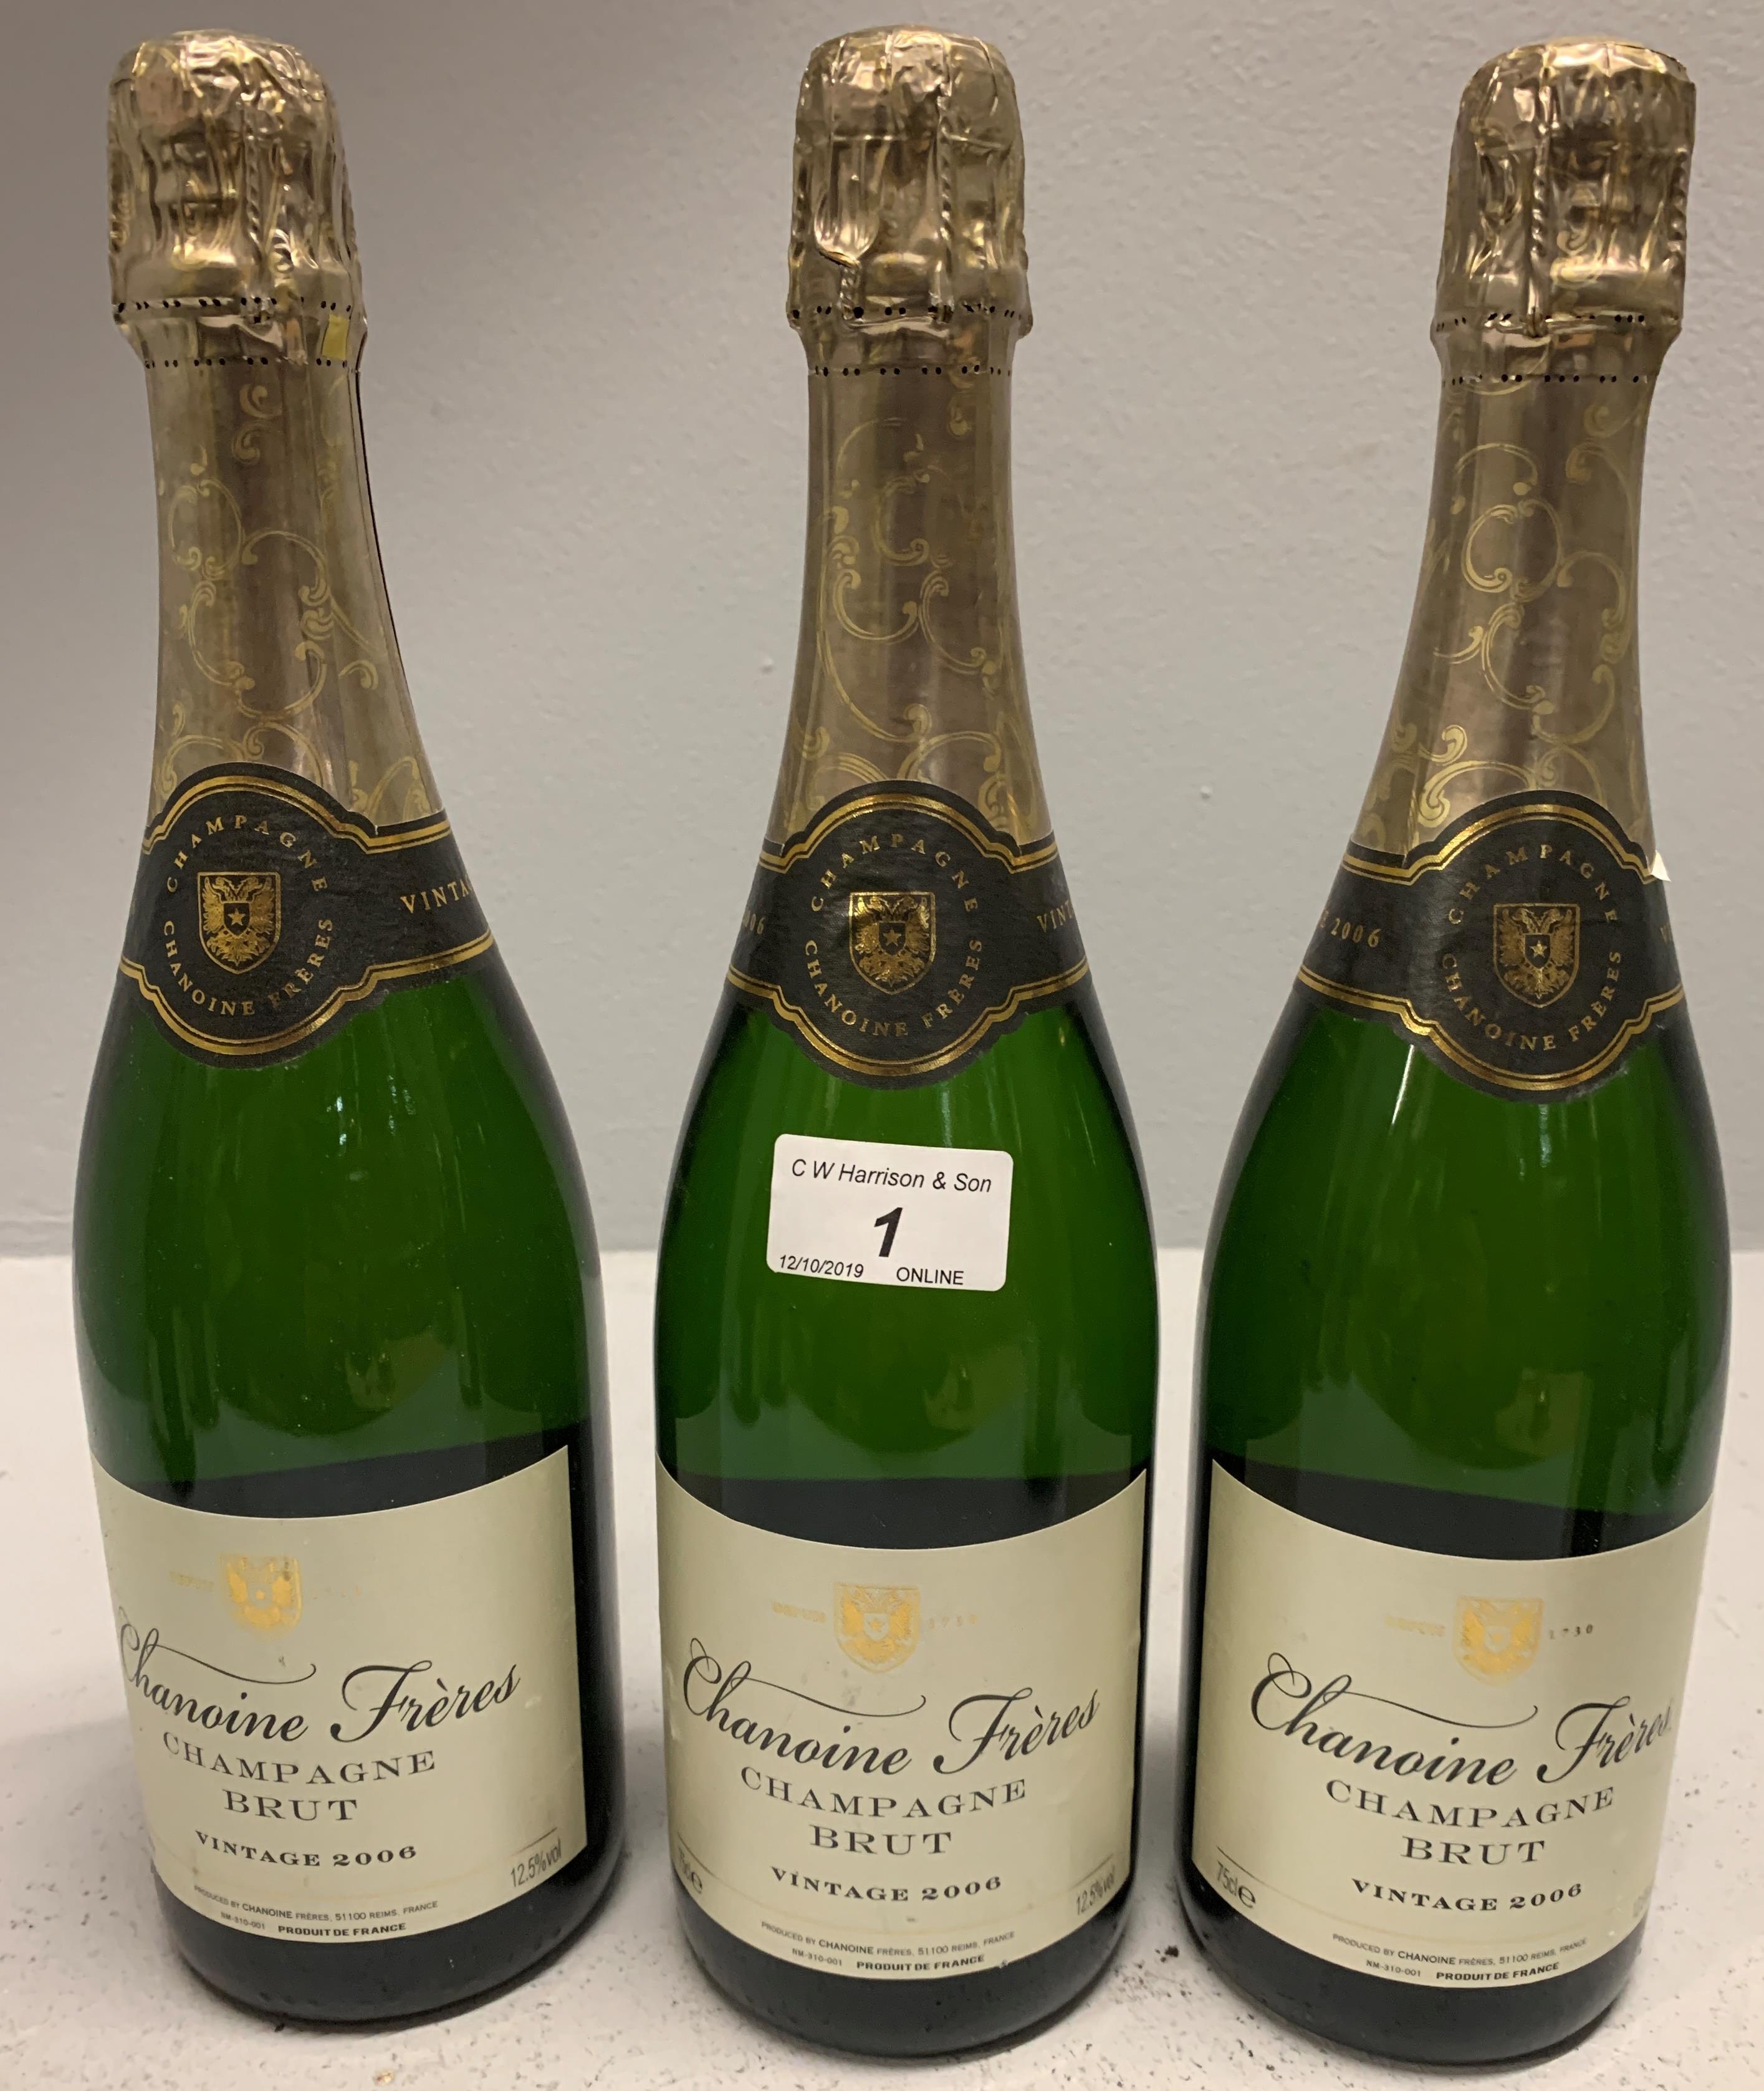 Lot 1 - 3 x 750ml bottles vintage 2006 Chanoine